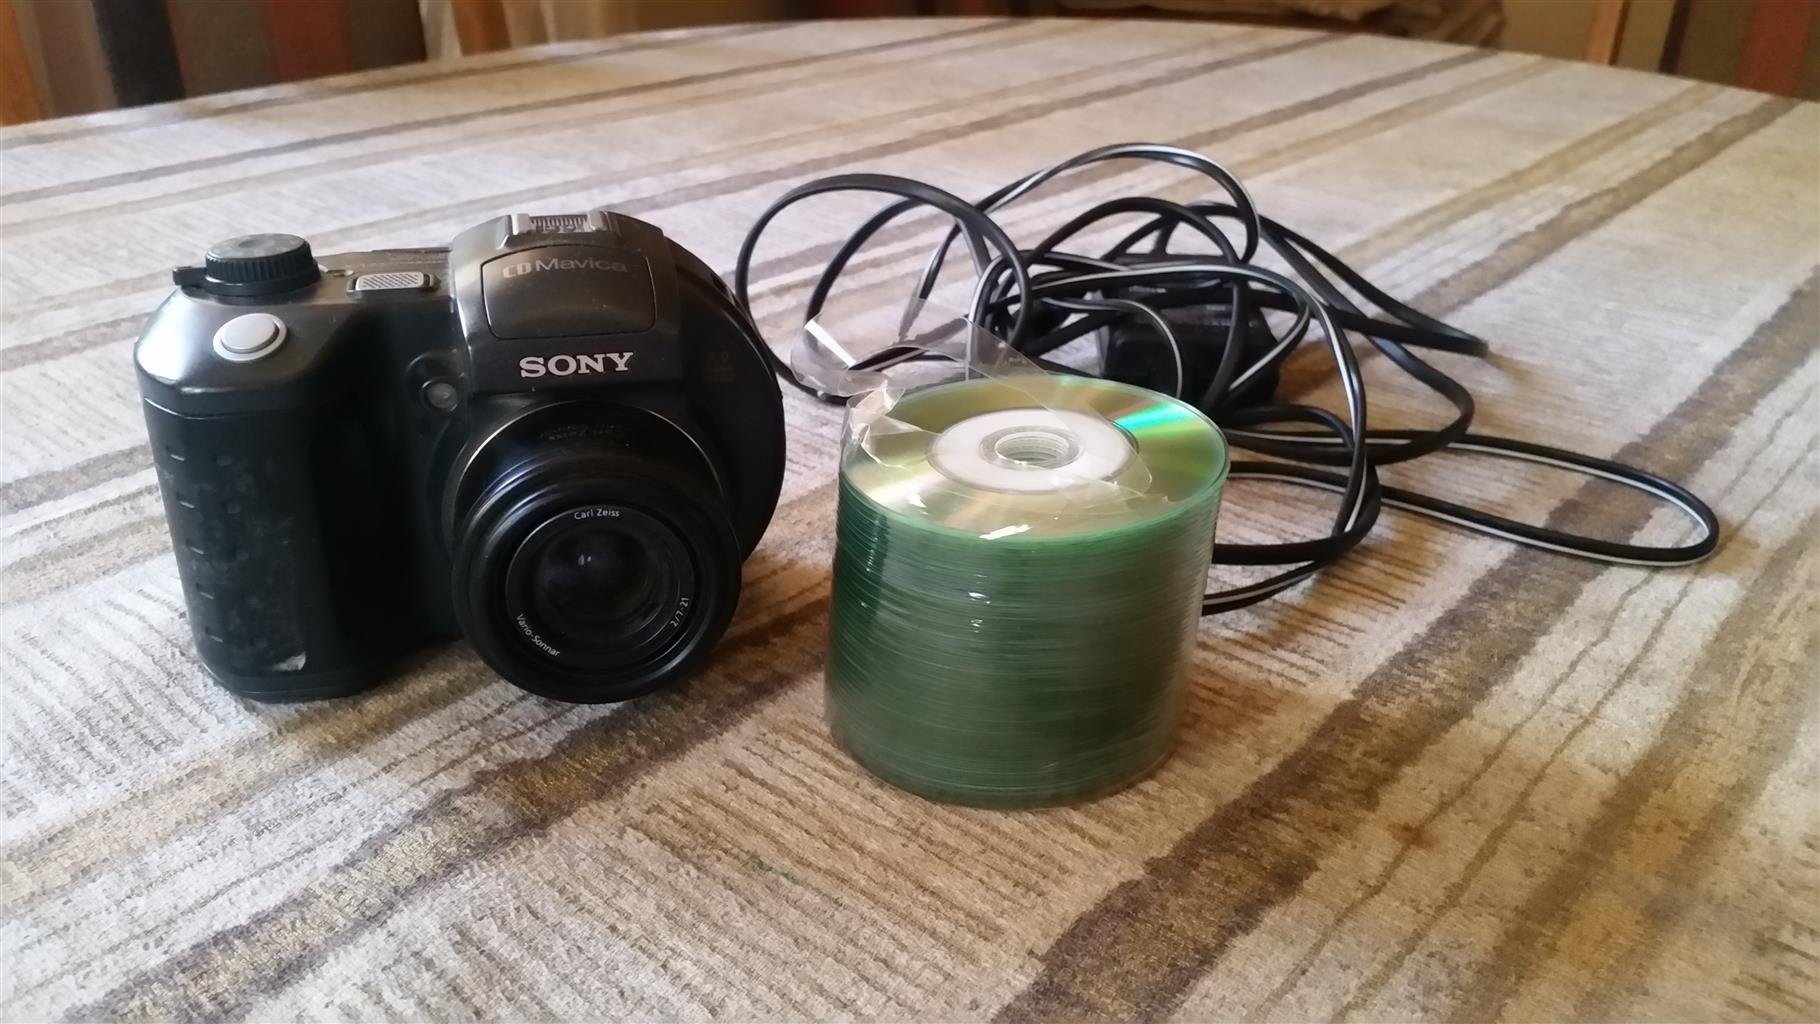 sony mavica digital camera